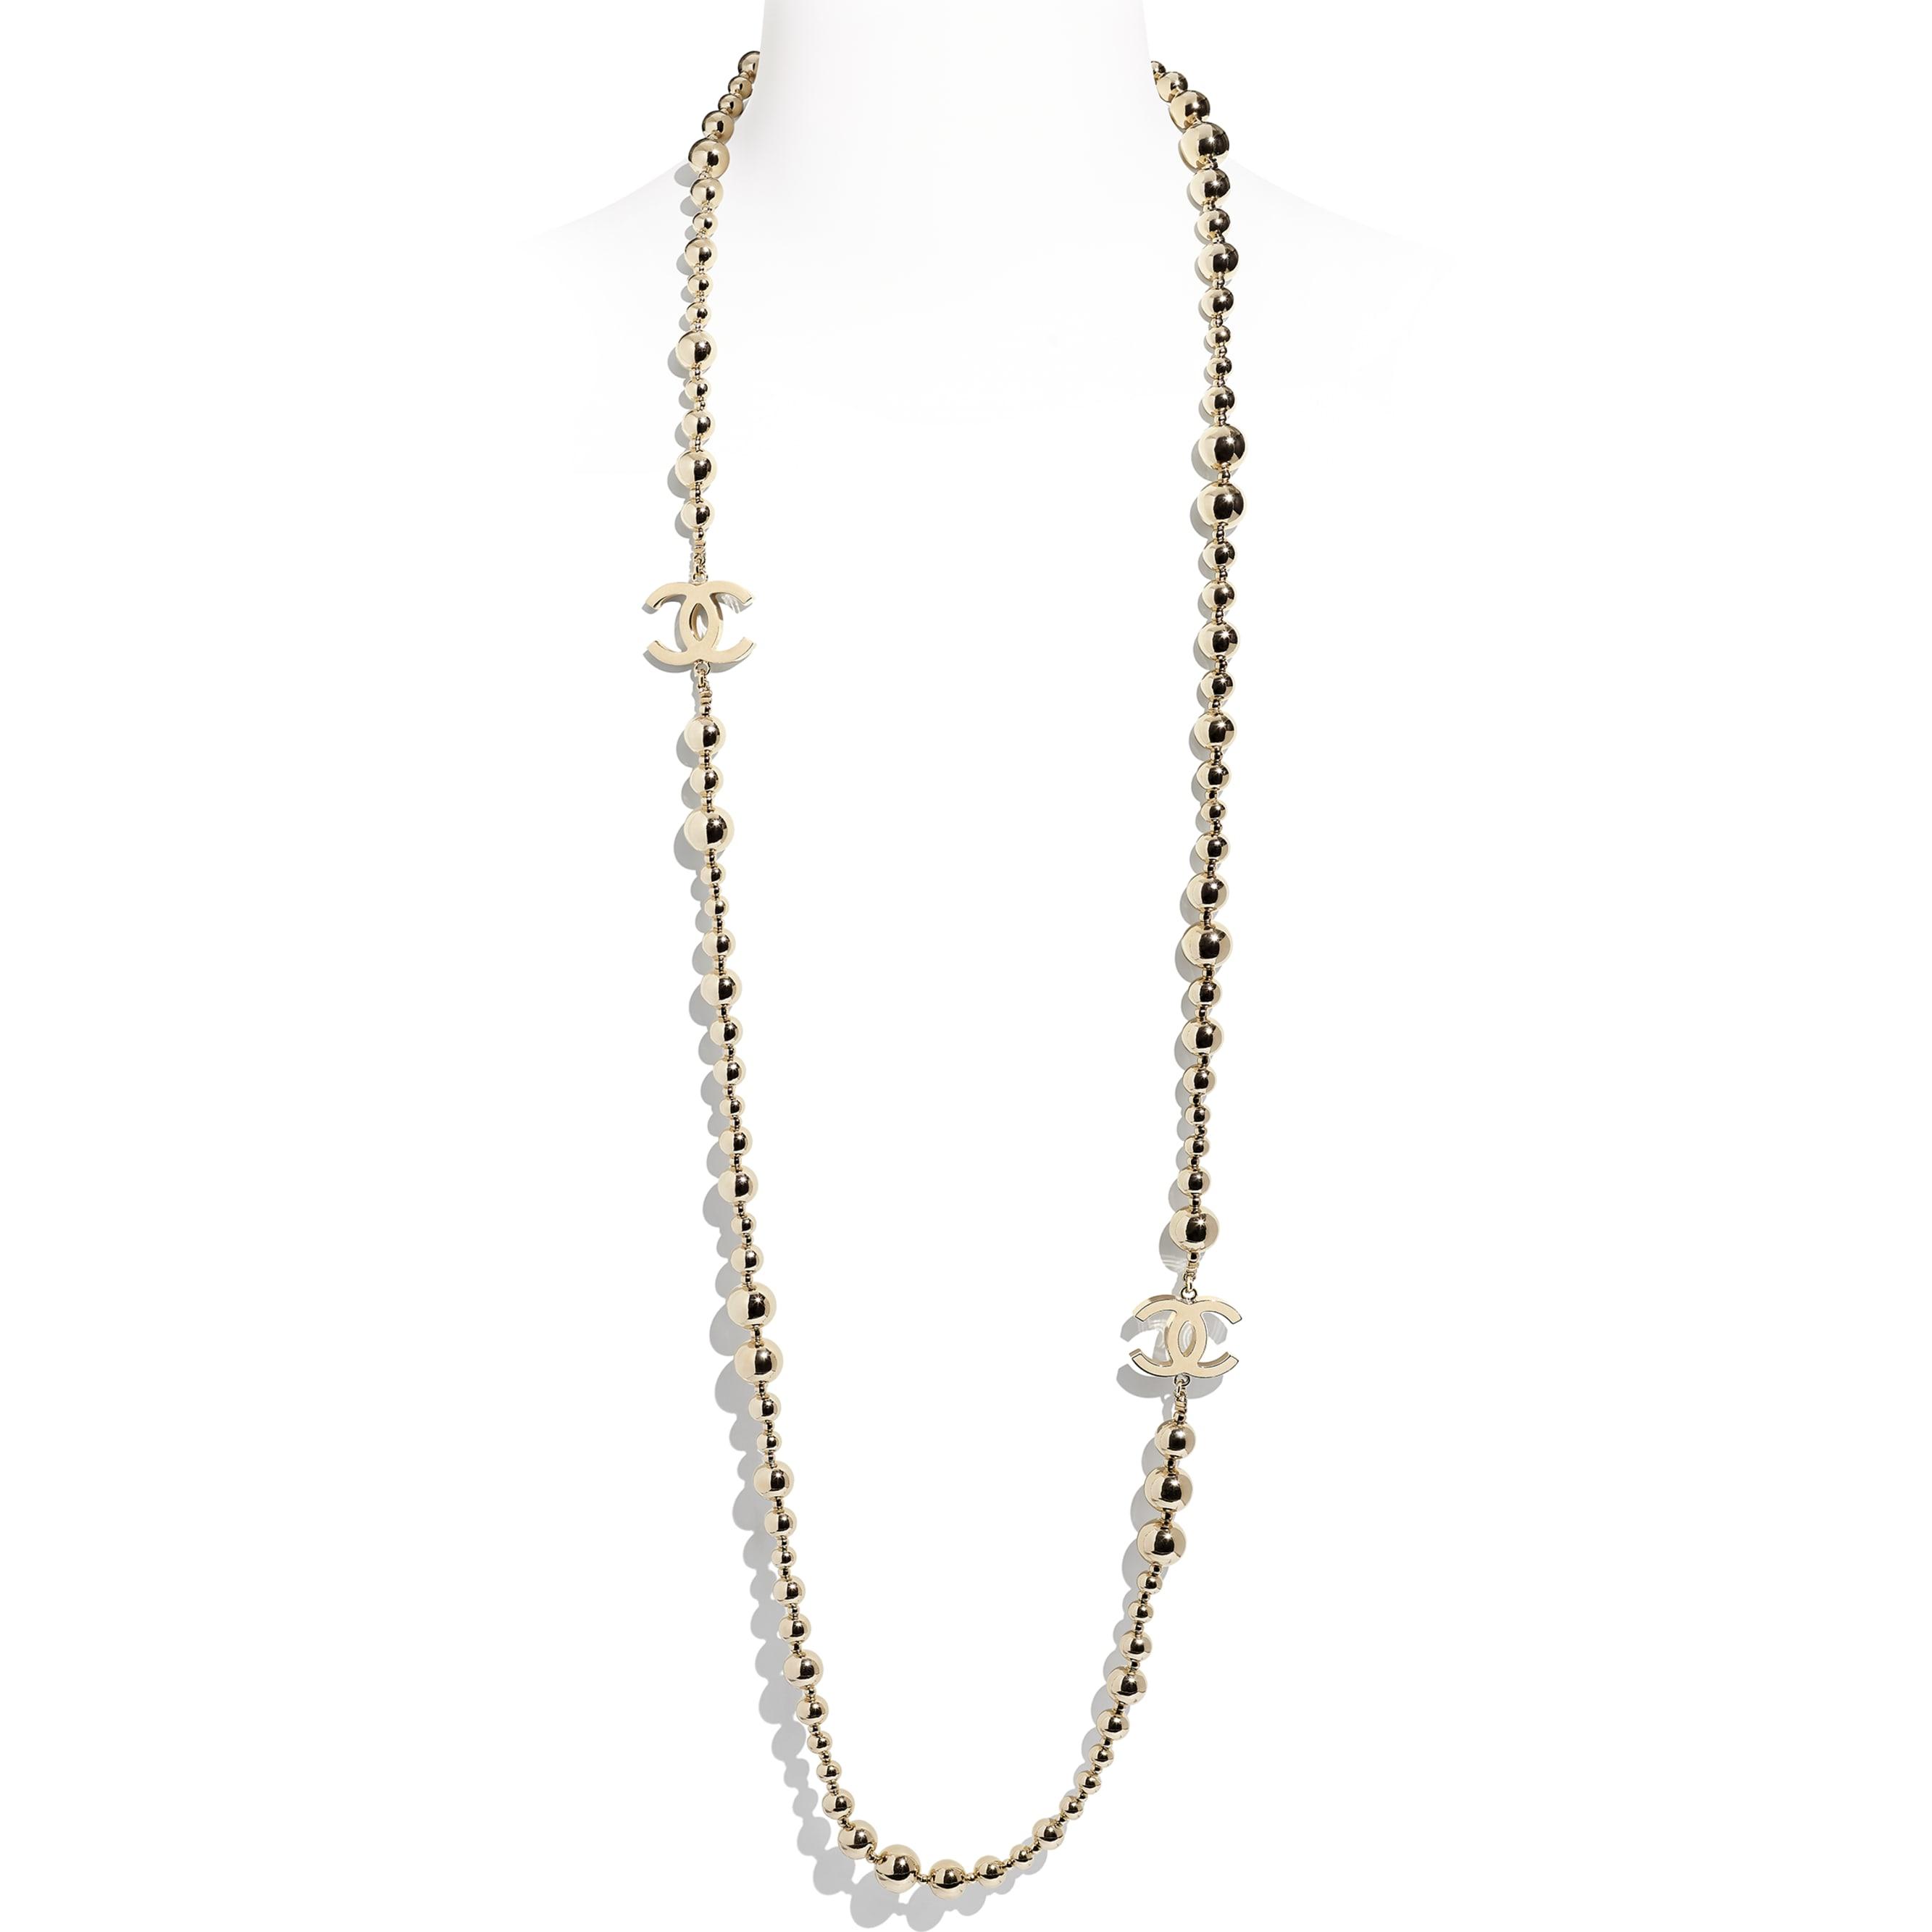 Lange Halskette - Goldfarben - Metall - CHANEL - Standardansicht - Standardgröße anzeigen